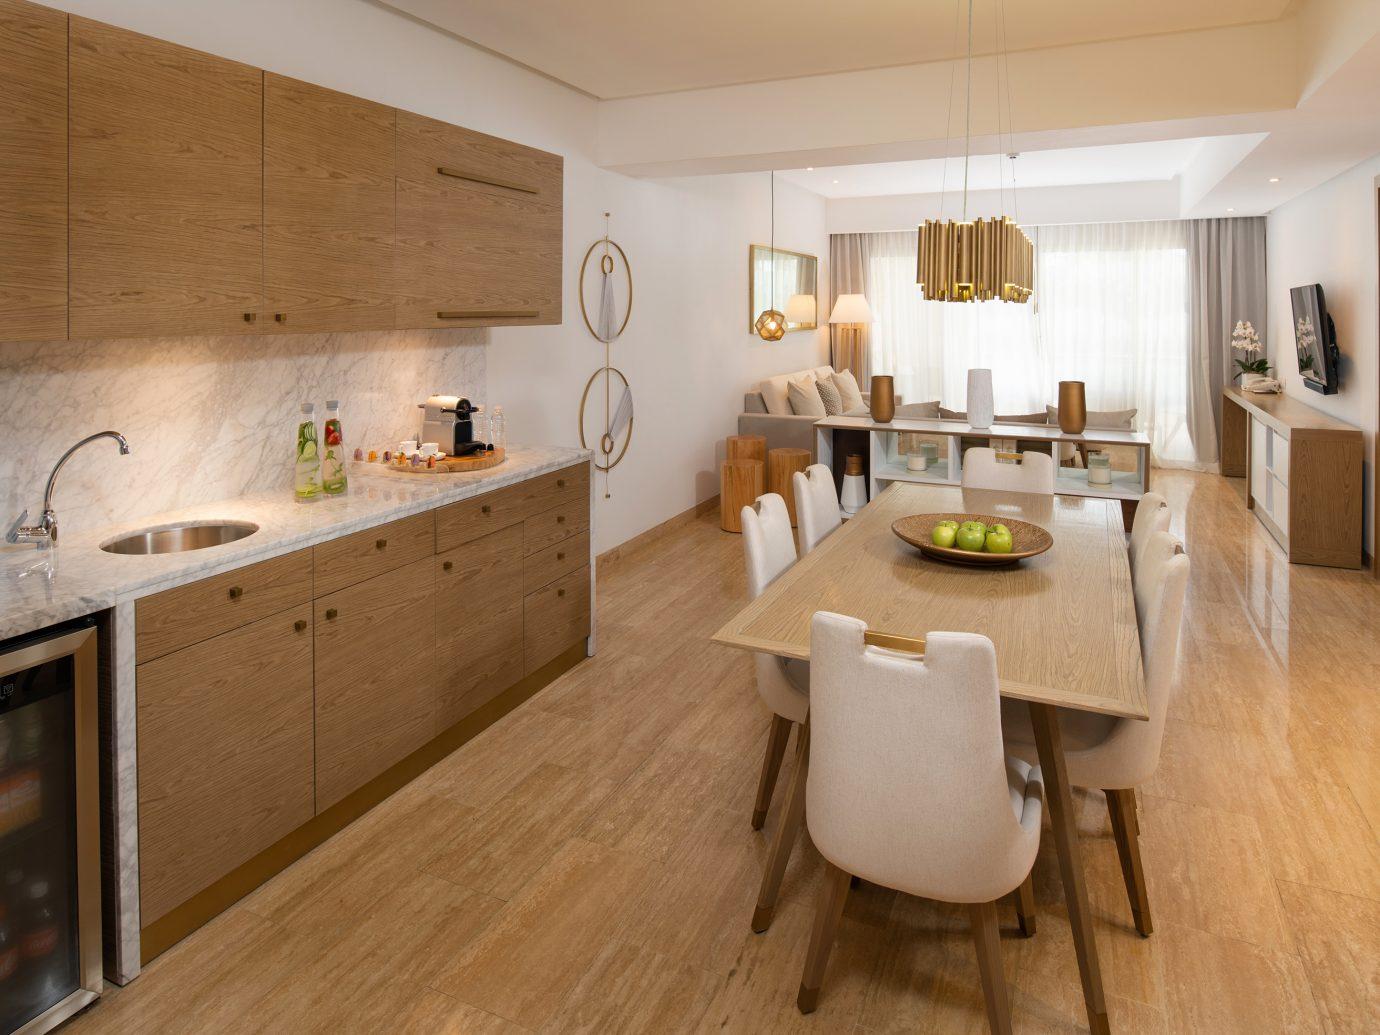 kitchen at The Grand Reserve at Paradisus Palma Real